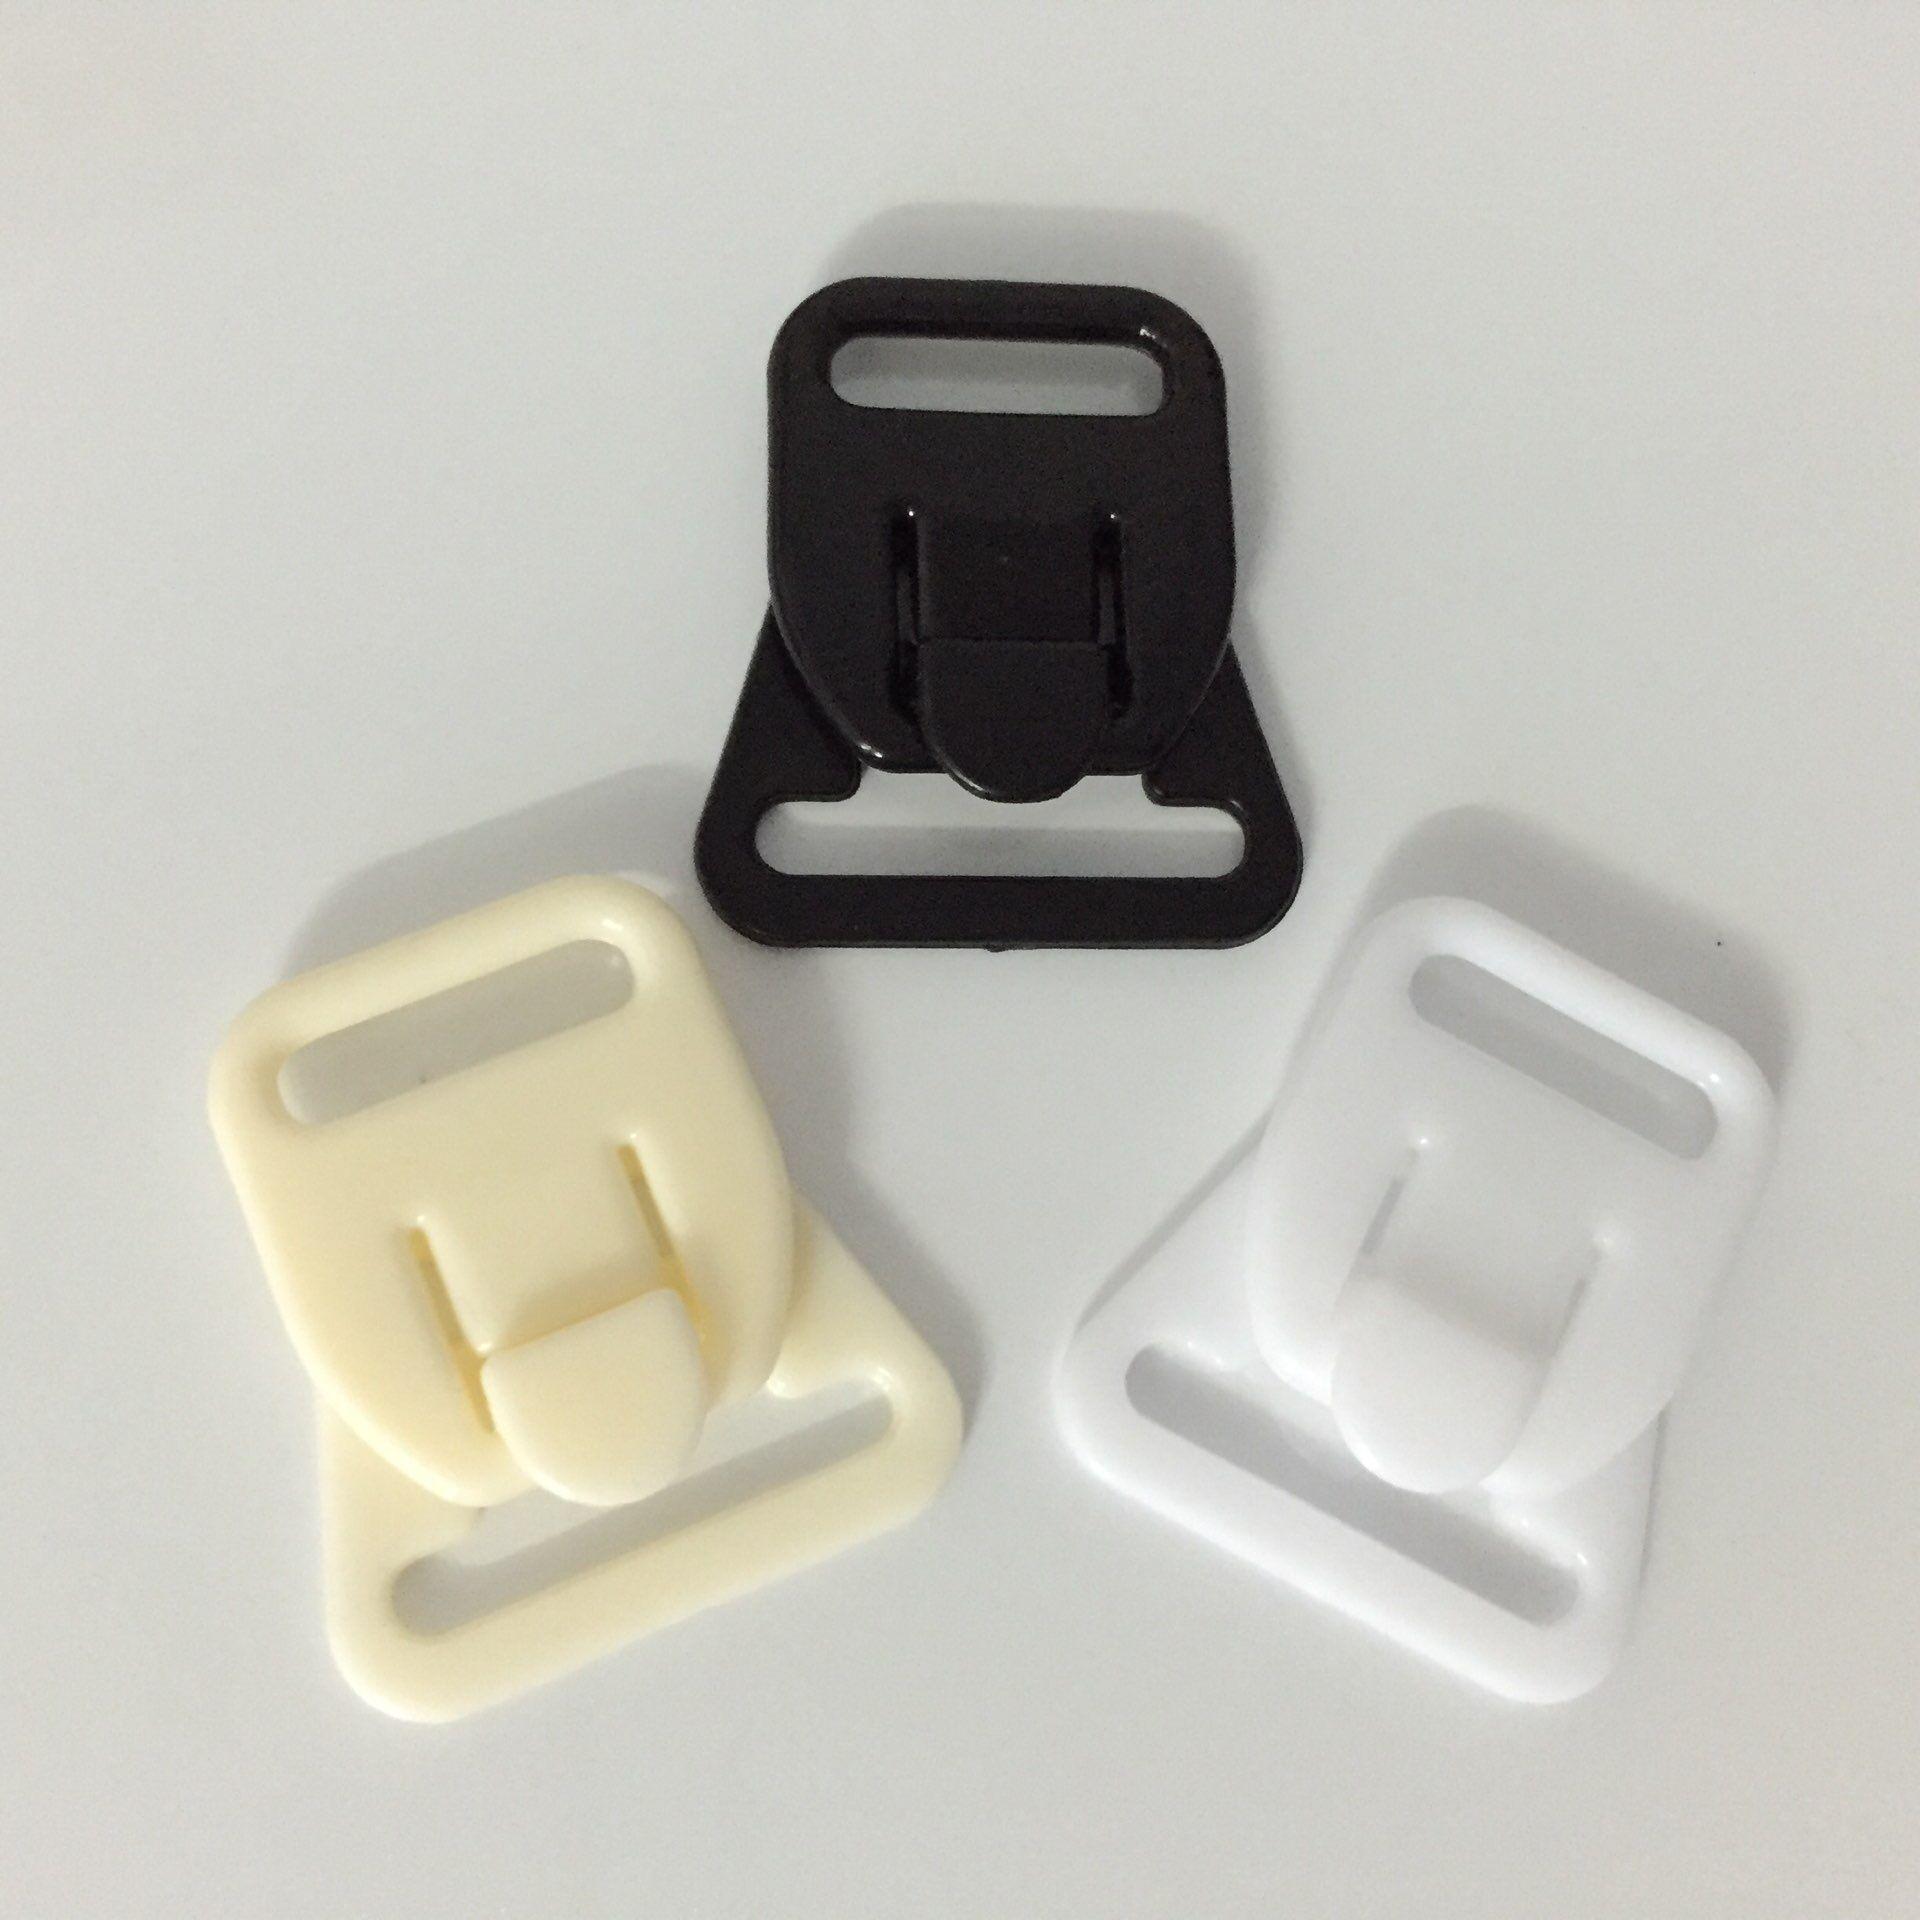 O envio gratuito de 60 conjuntos / lote sutiã de amamentação de plástico clipe de maternidade 18mm 3 cores disponíveis